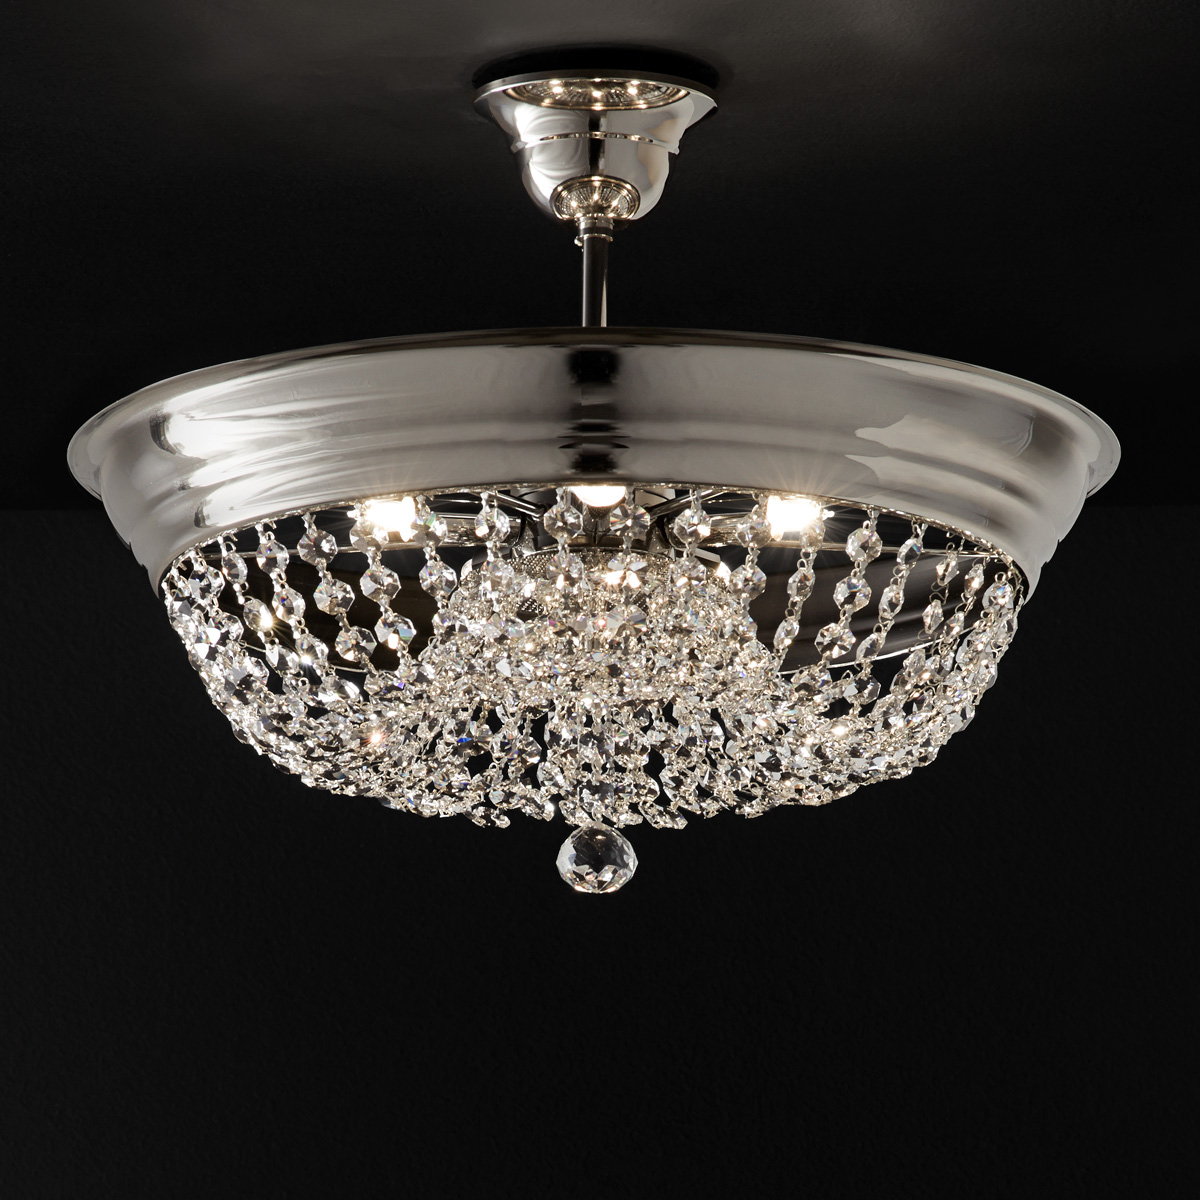 Φωτιστικό οροφής με κρύσταλλα ΑΡΤΕΜΙΣ ceiling lamp with crystal accents